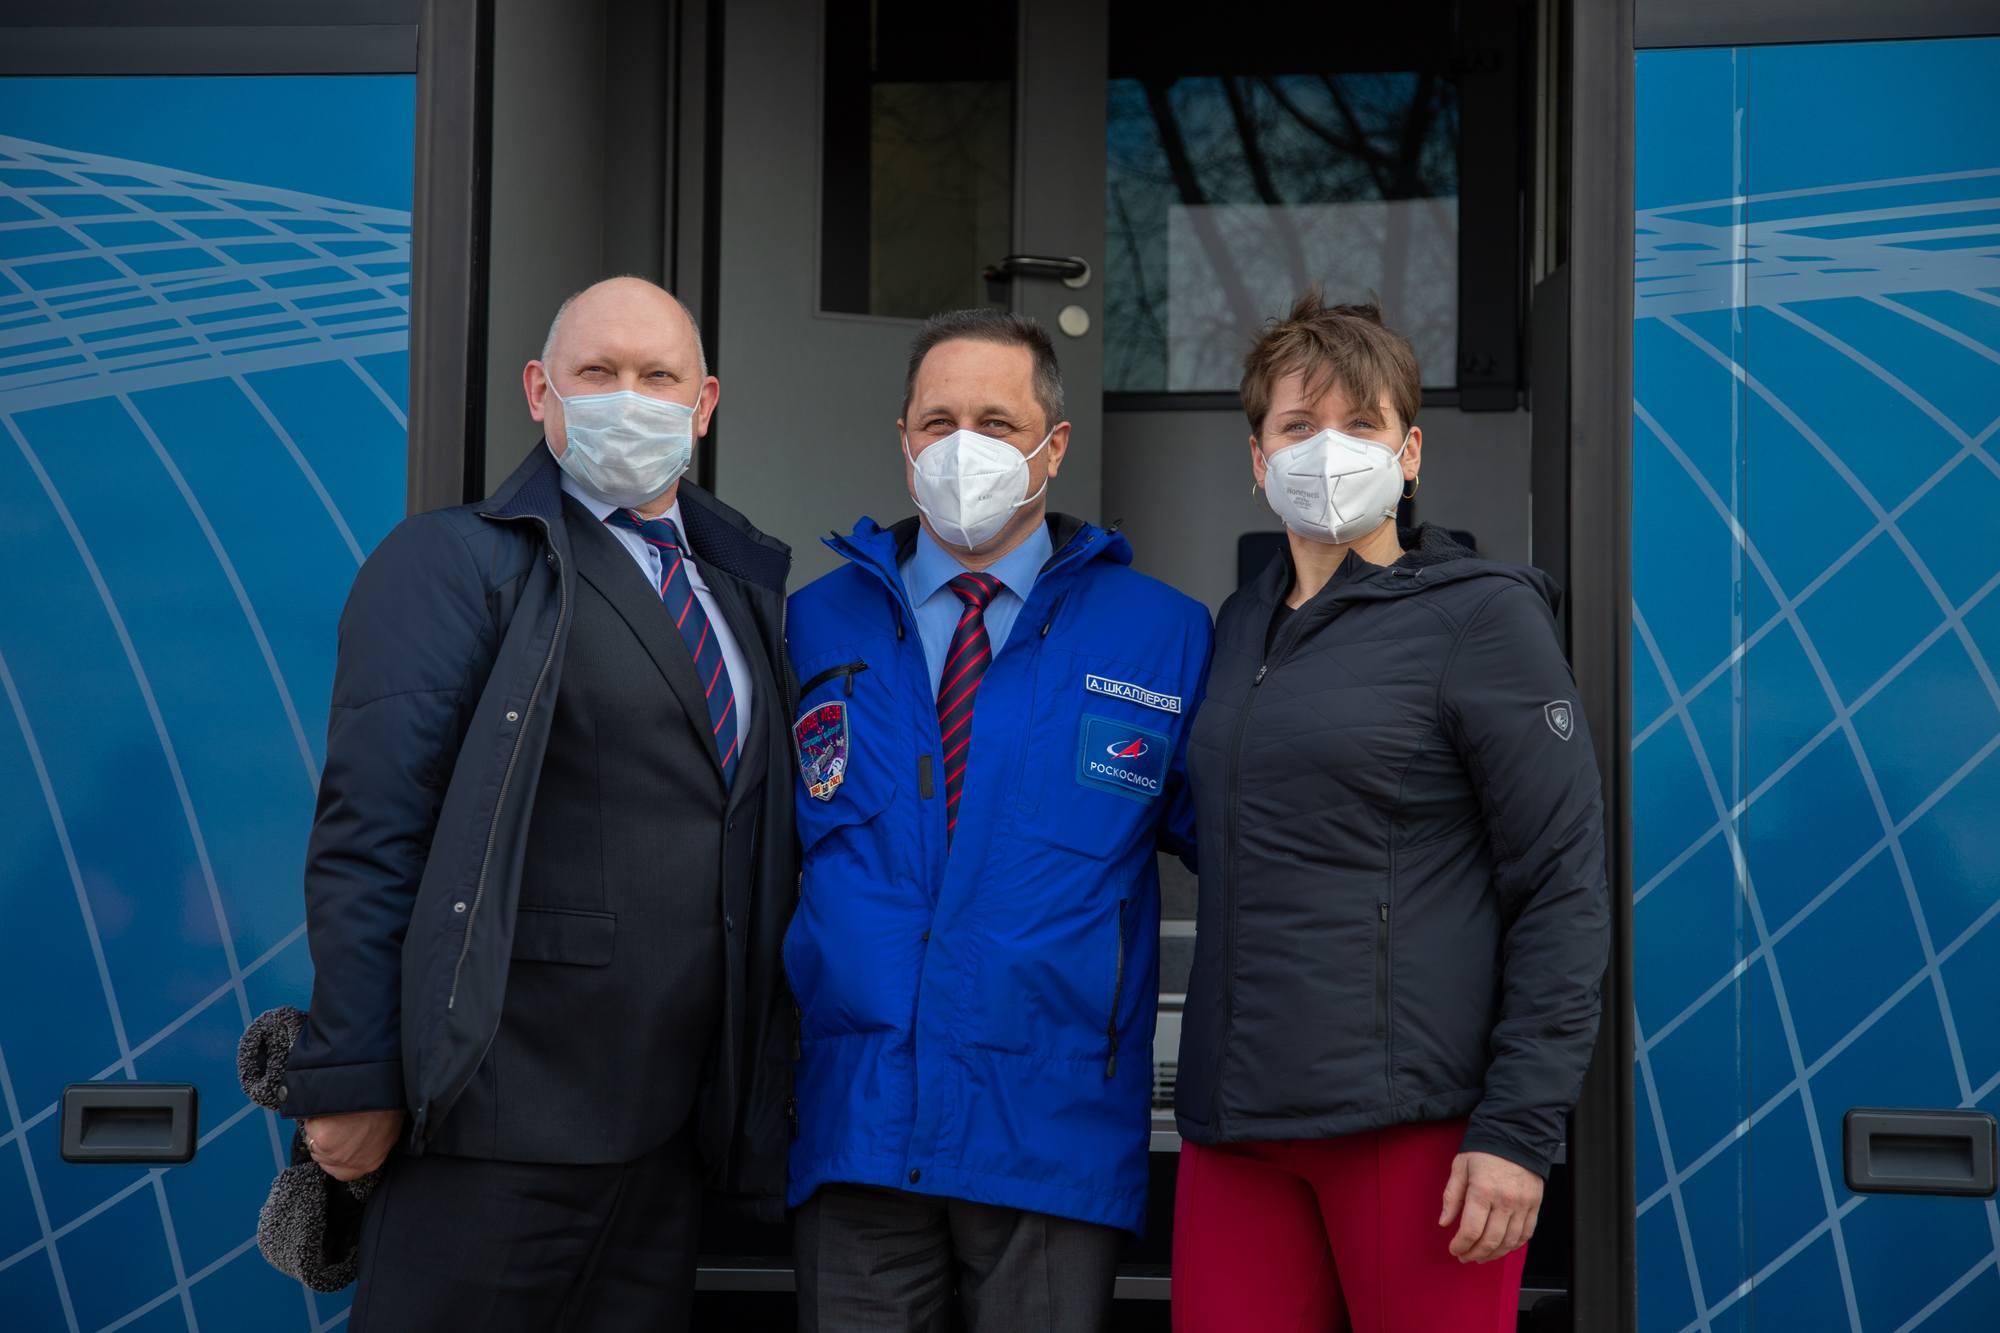 L'équipage de réserve à la porte du bus qui va les conduire à l'hôtel des cosmonautes.